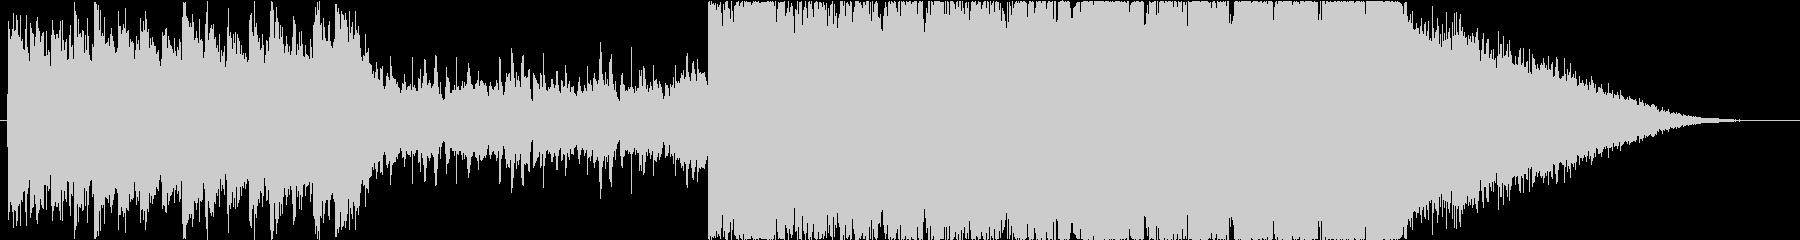 アラビアンな曲調のパワフルトレーラー音楽の未再生の波形